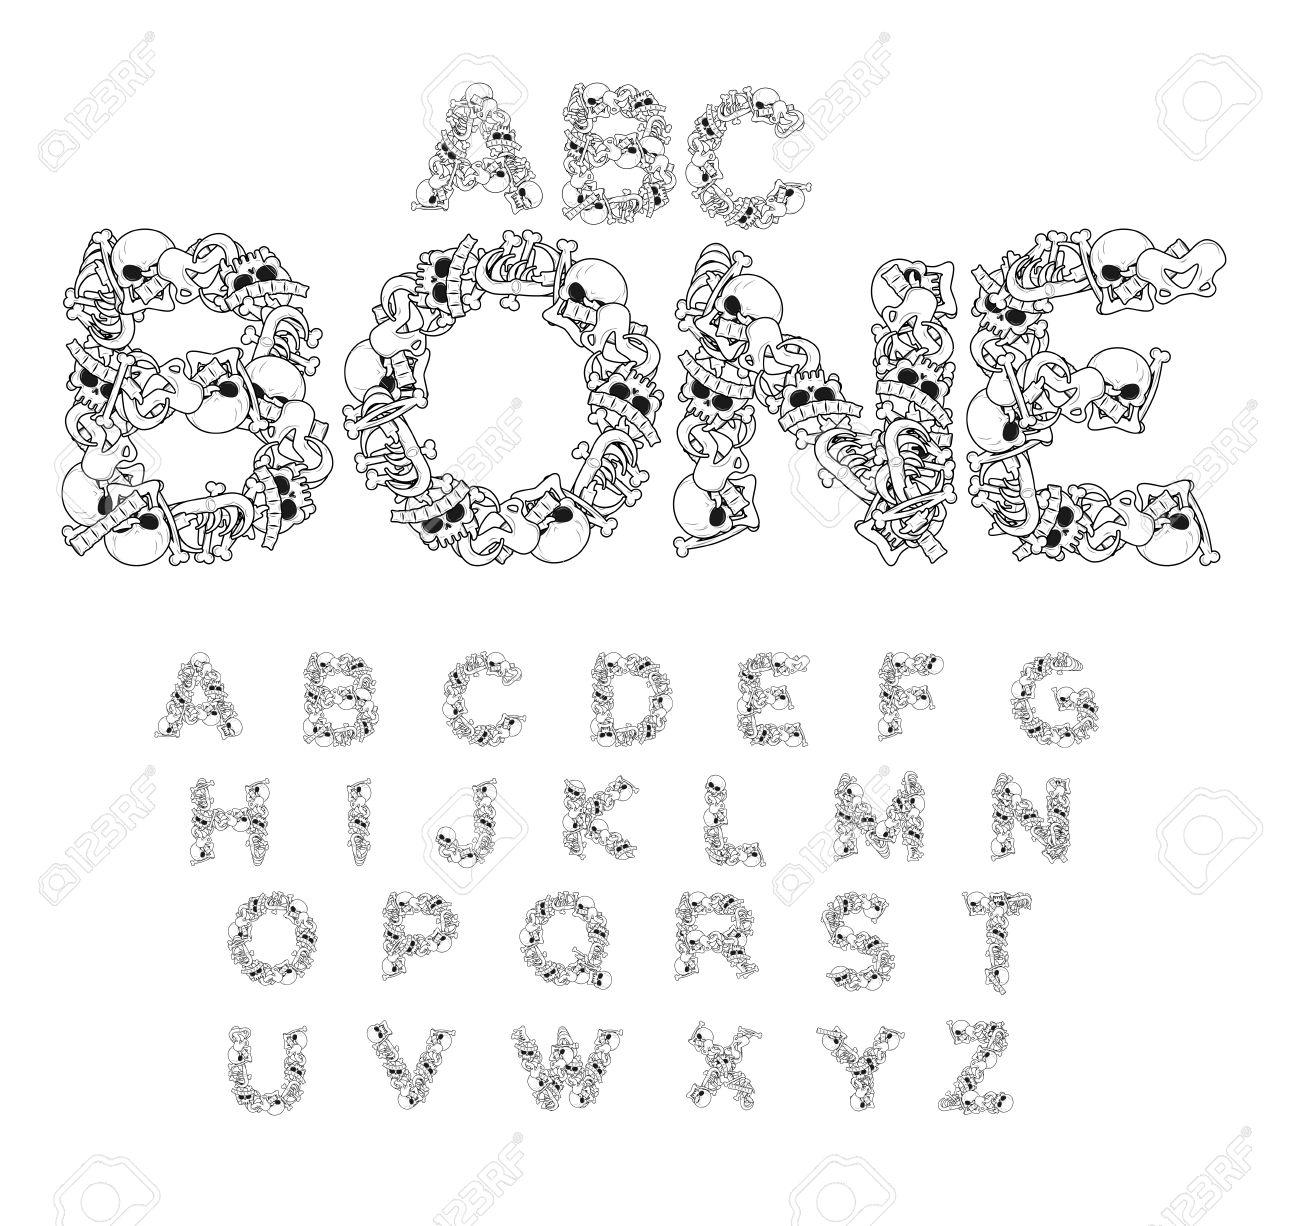 Knochen-ABC. Skeleton Schriftart. Letters Anatomie. Schädel Und ...